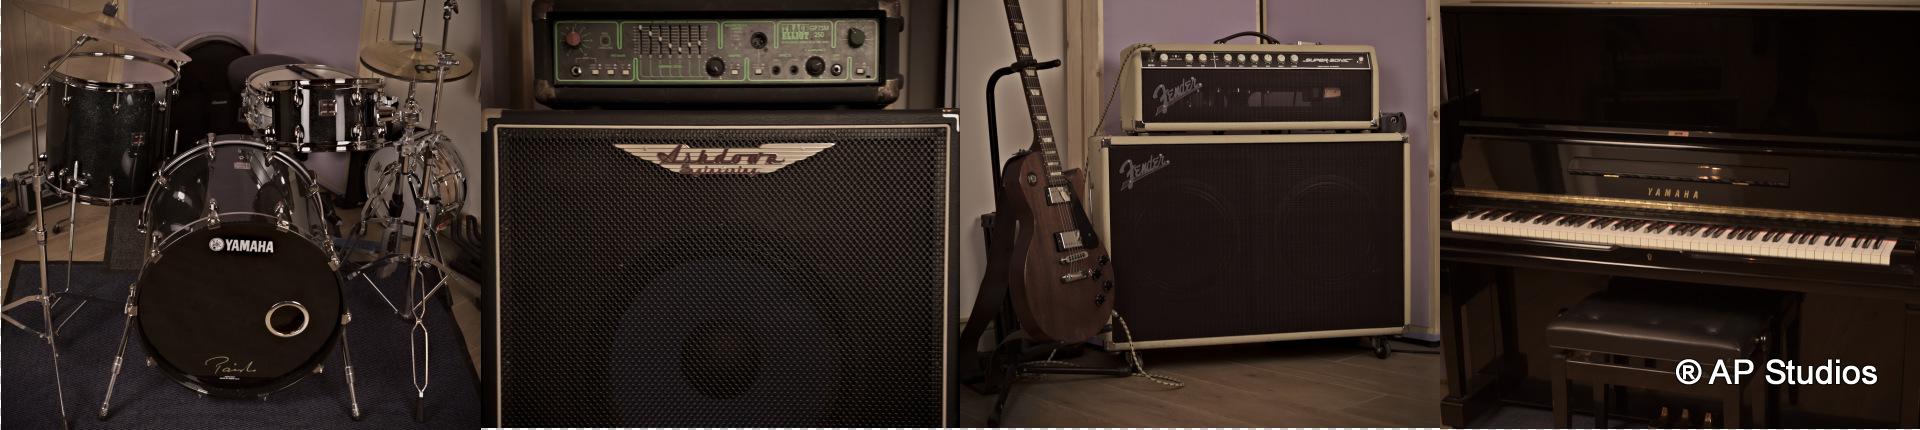 AP Recording Studios Dublin Instruments